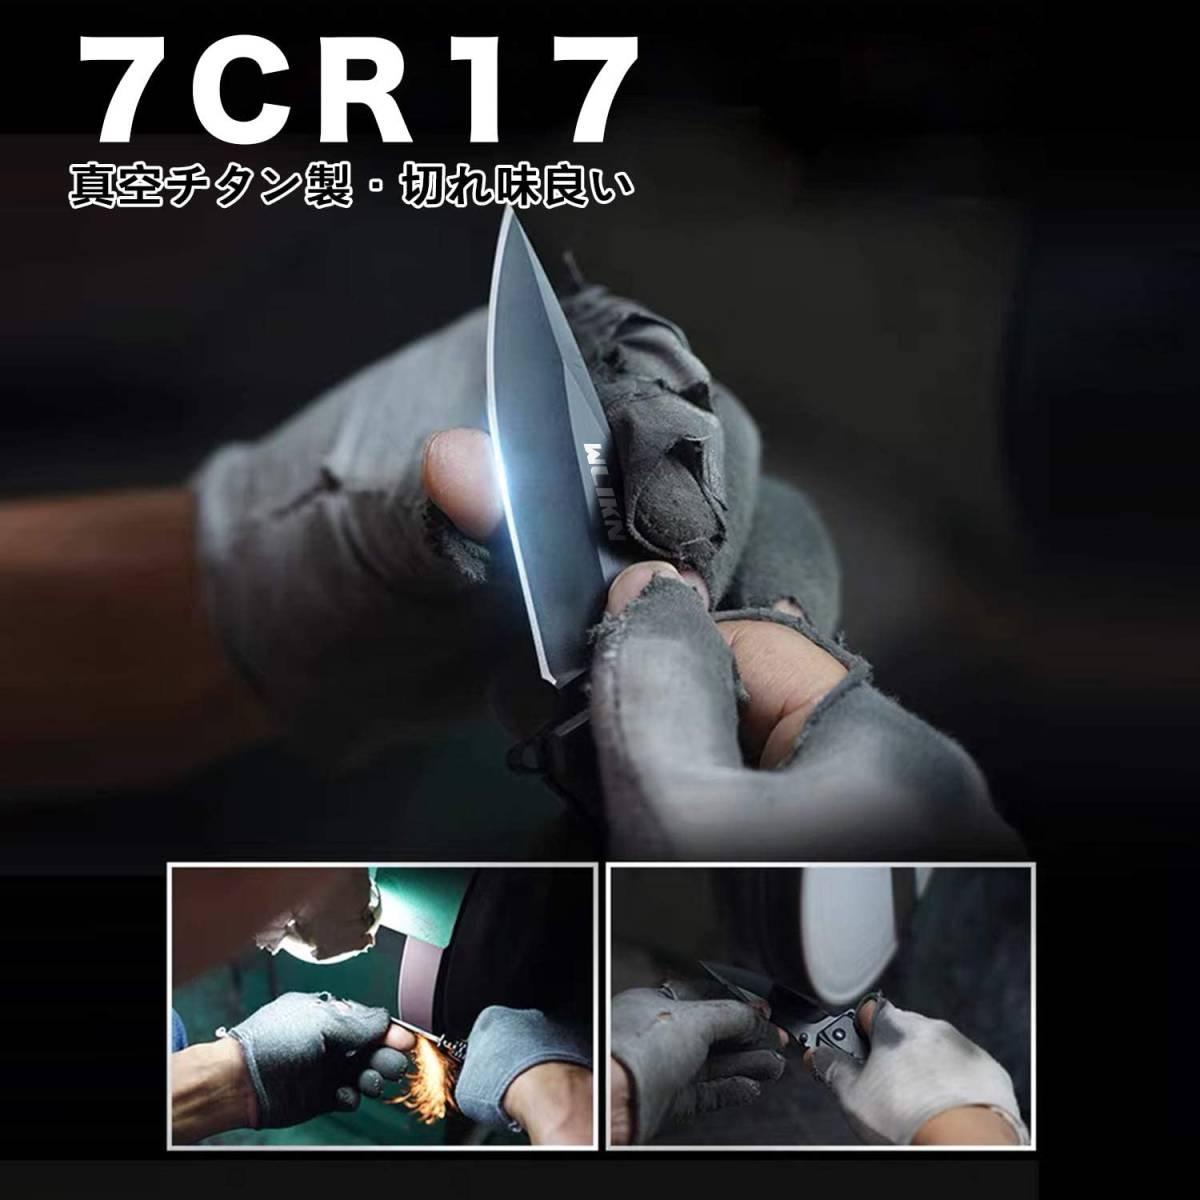 【新品 送料無料】アウトドア ナイフ フォールディングナイフ Wlikn 折りたたみナイフ【5-IN-1多機能ナイフ】ブラック